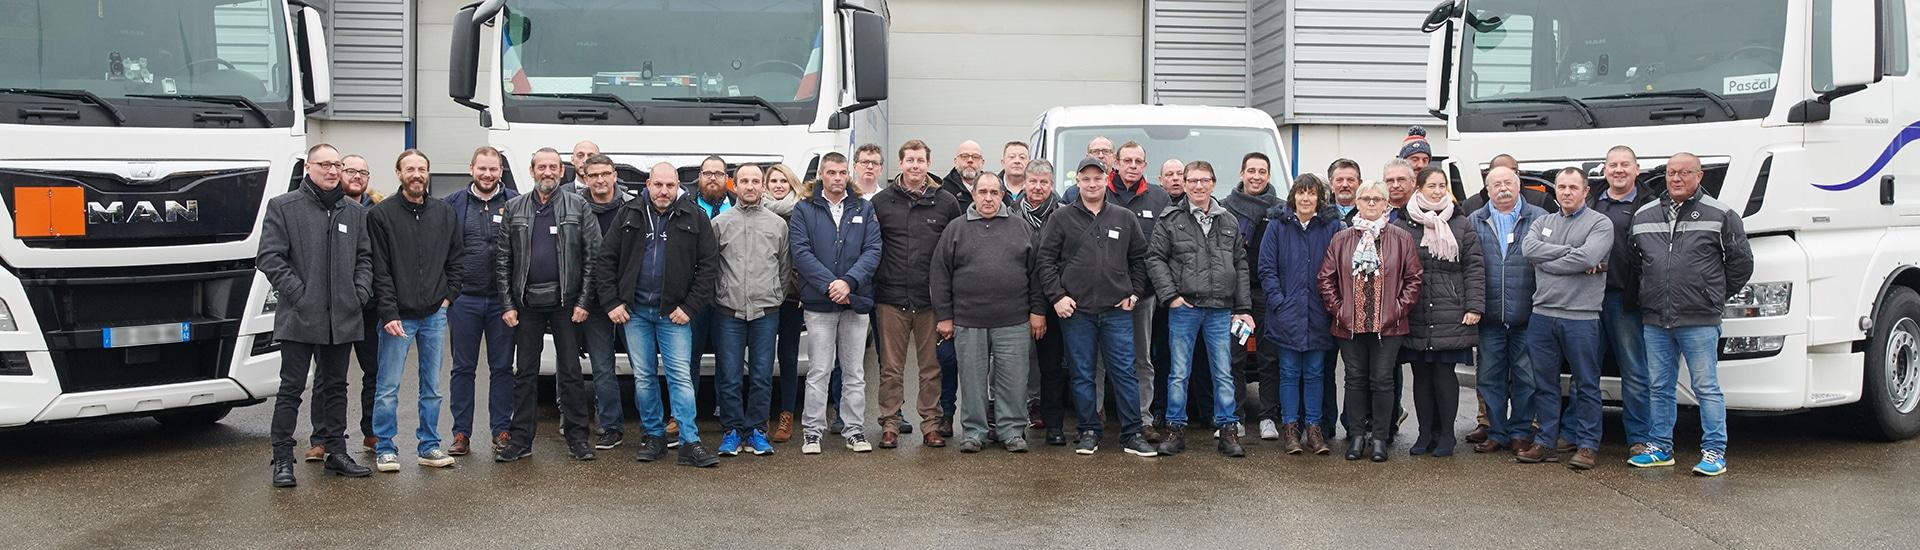 Employé, équipe de Vitadis, société de transport et logistique internationale